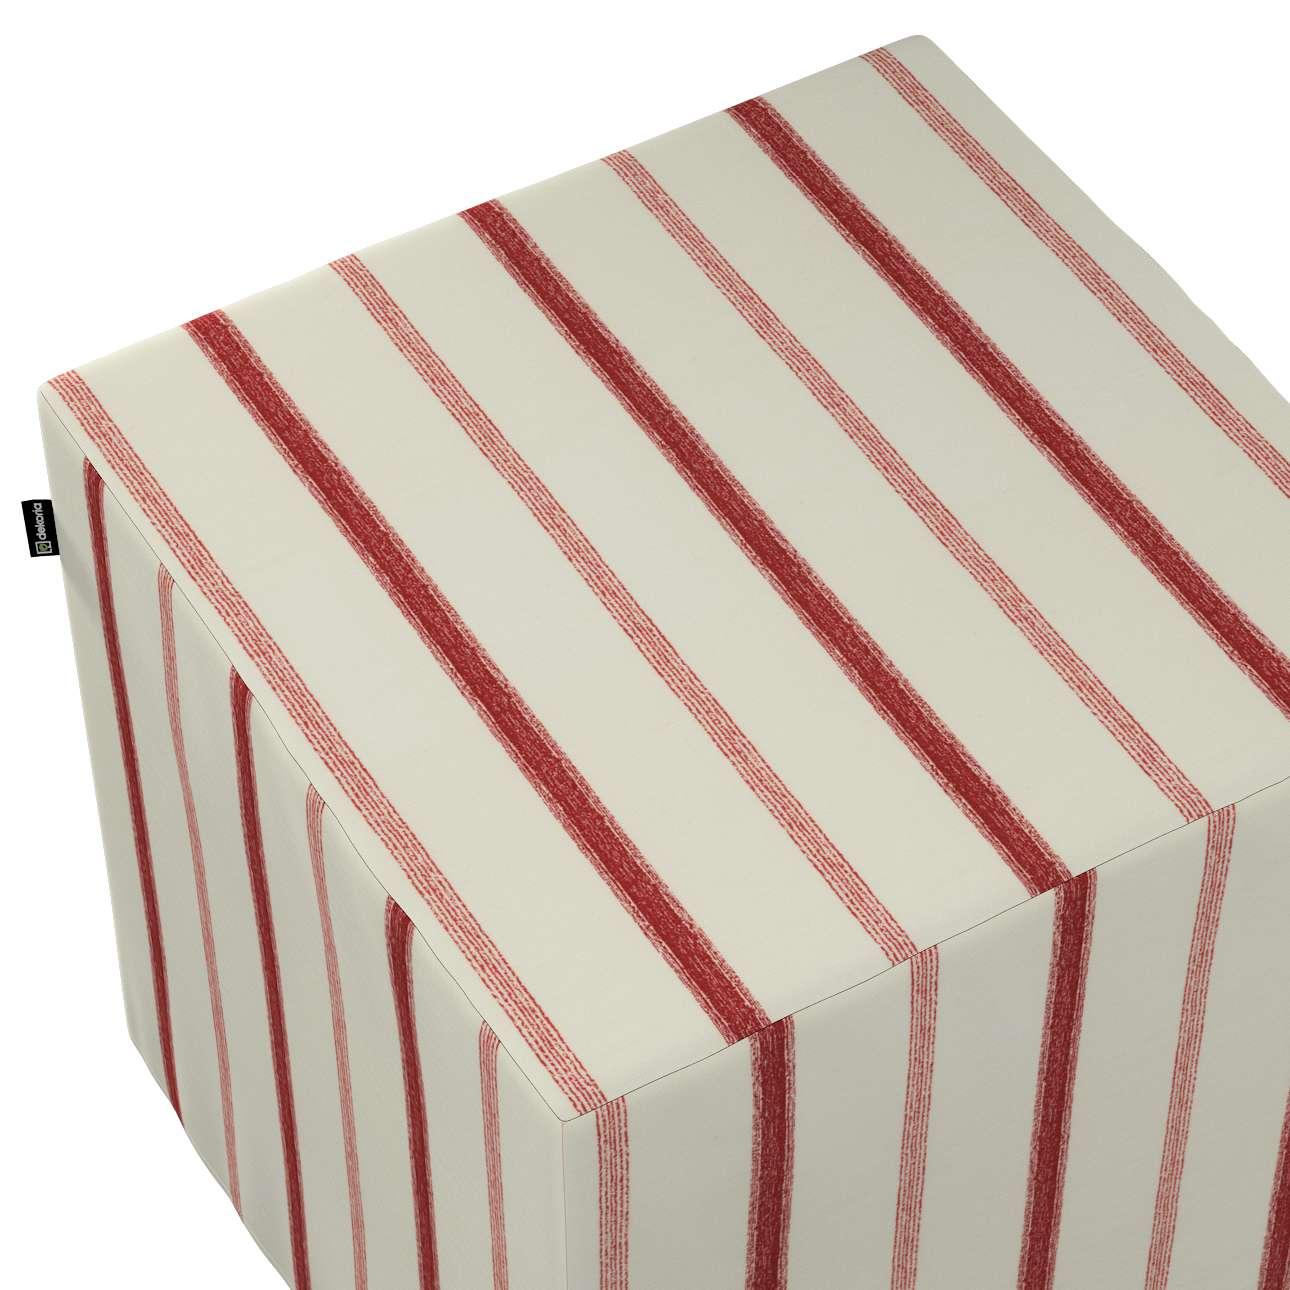 Pokrowiec na pufę kostkę w kolekcji Avinon, tkanina: 129-15